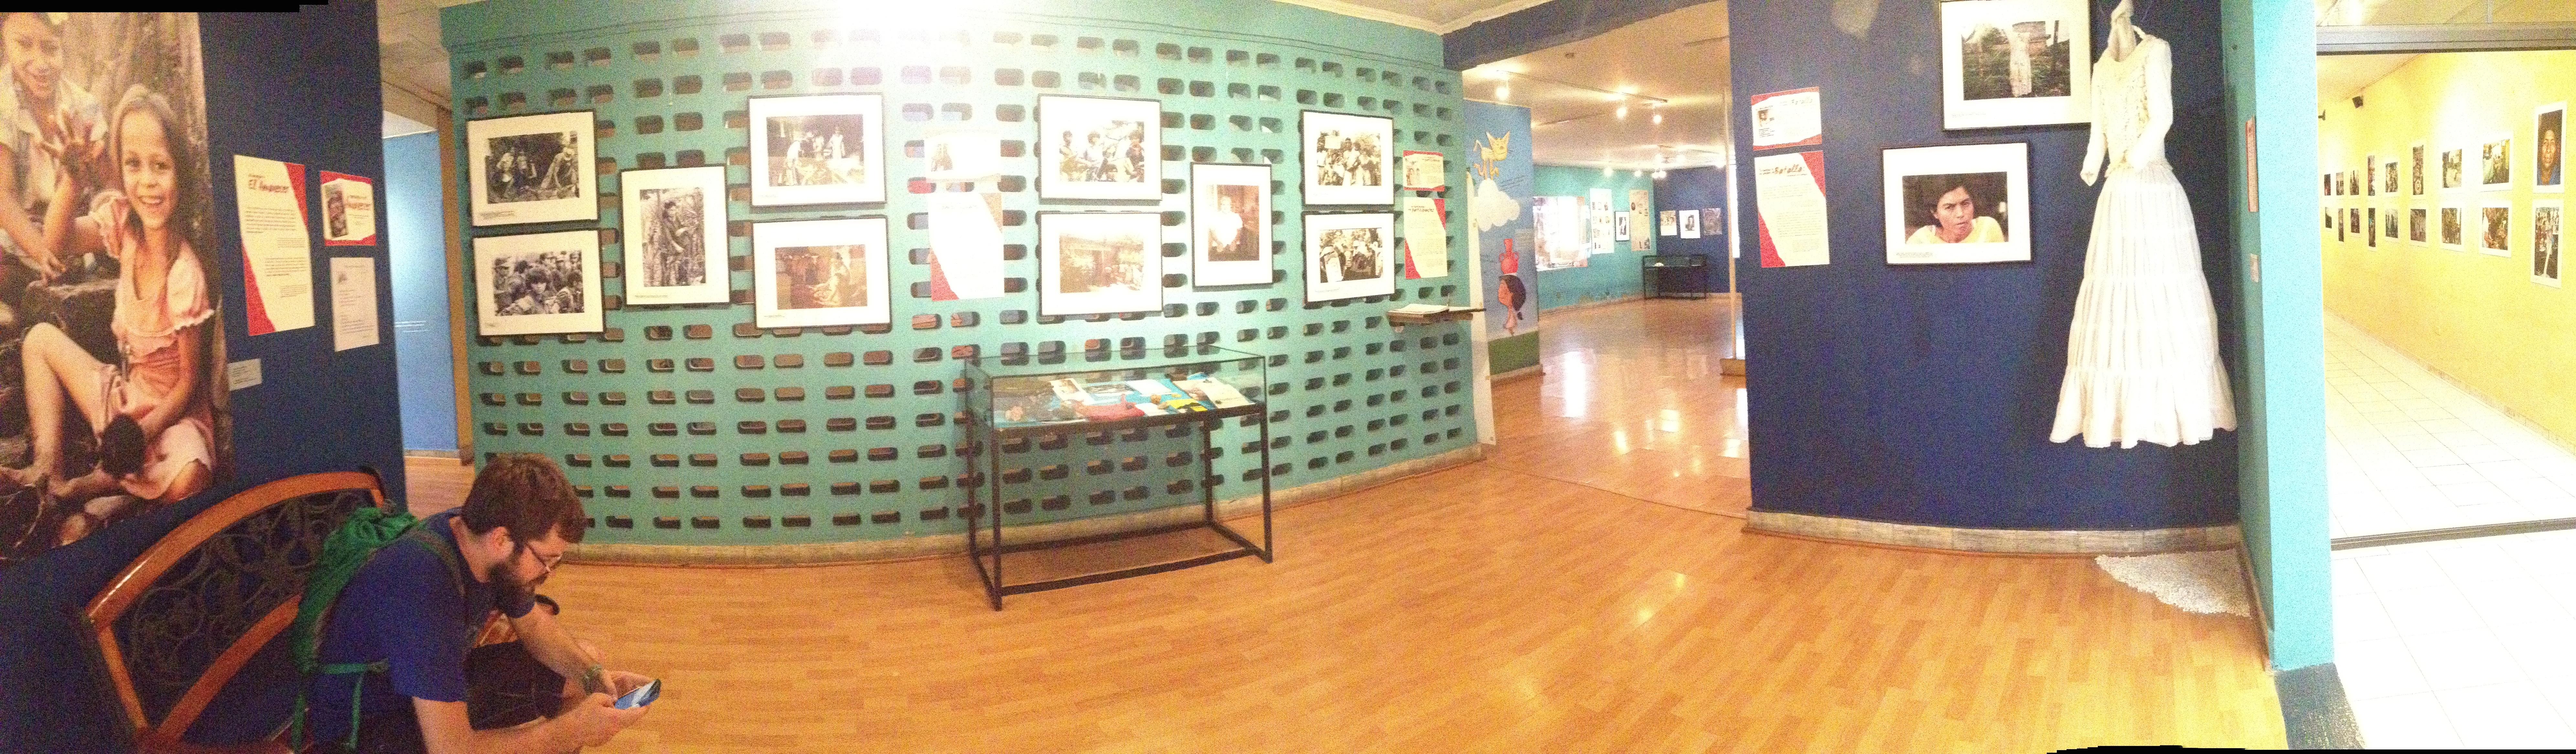 Inside Museo de la Palabra y Imagen